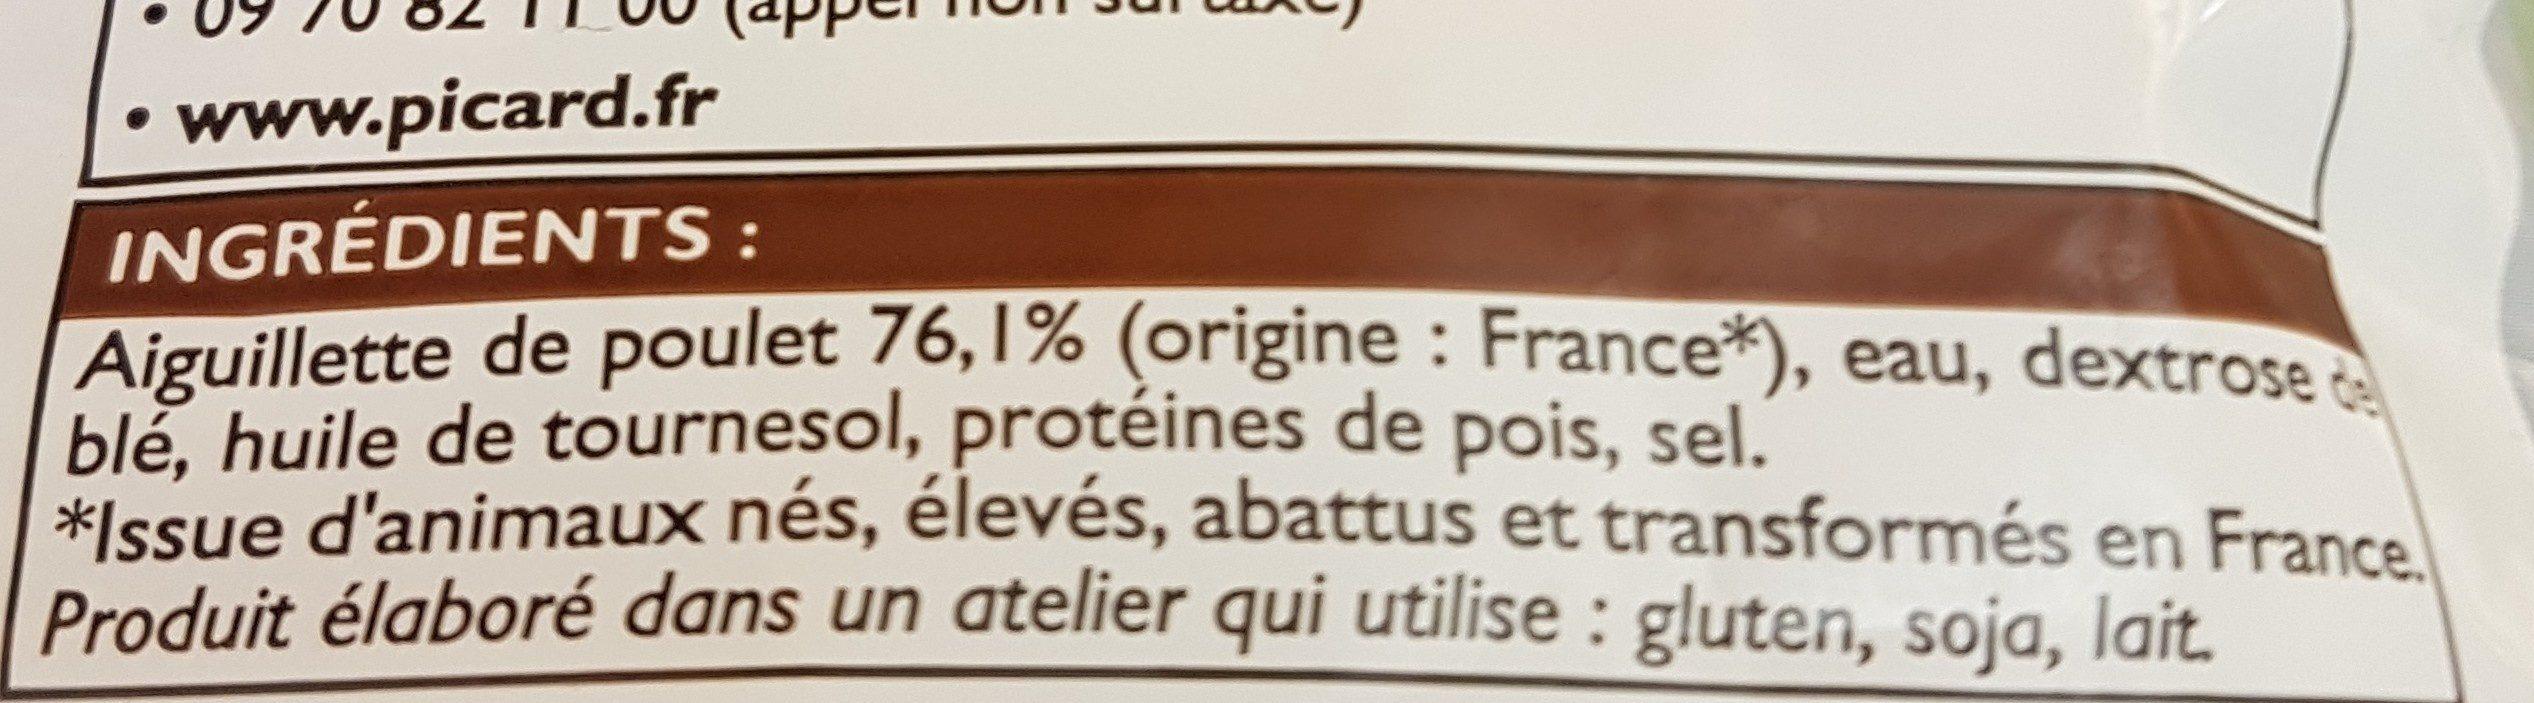 Aiguillettes de poulet coupées rôties - Ingredienti - fr